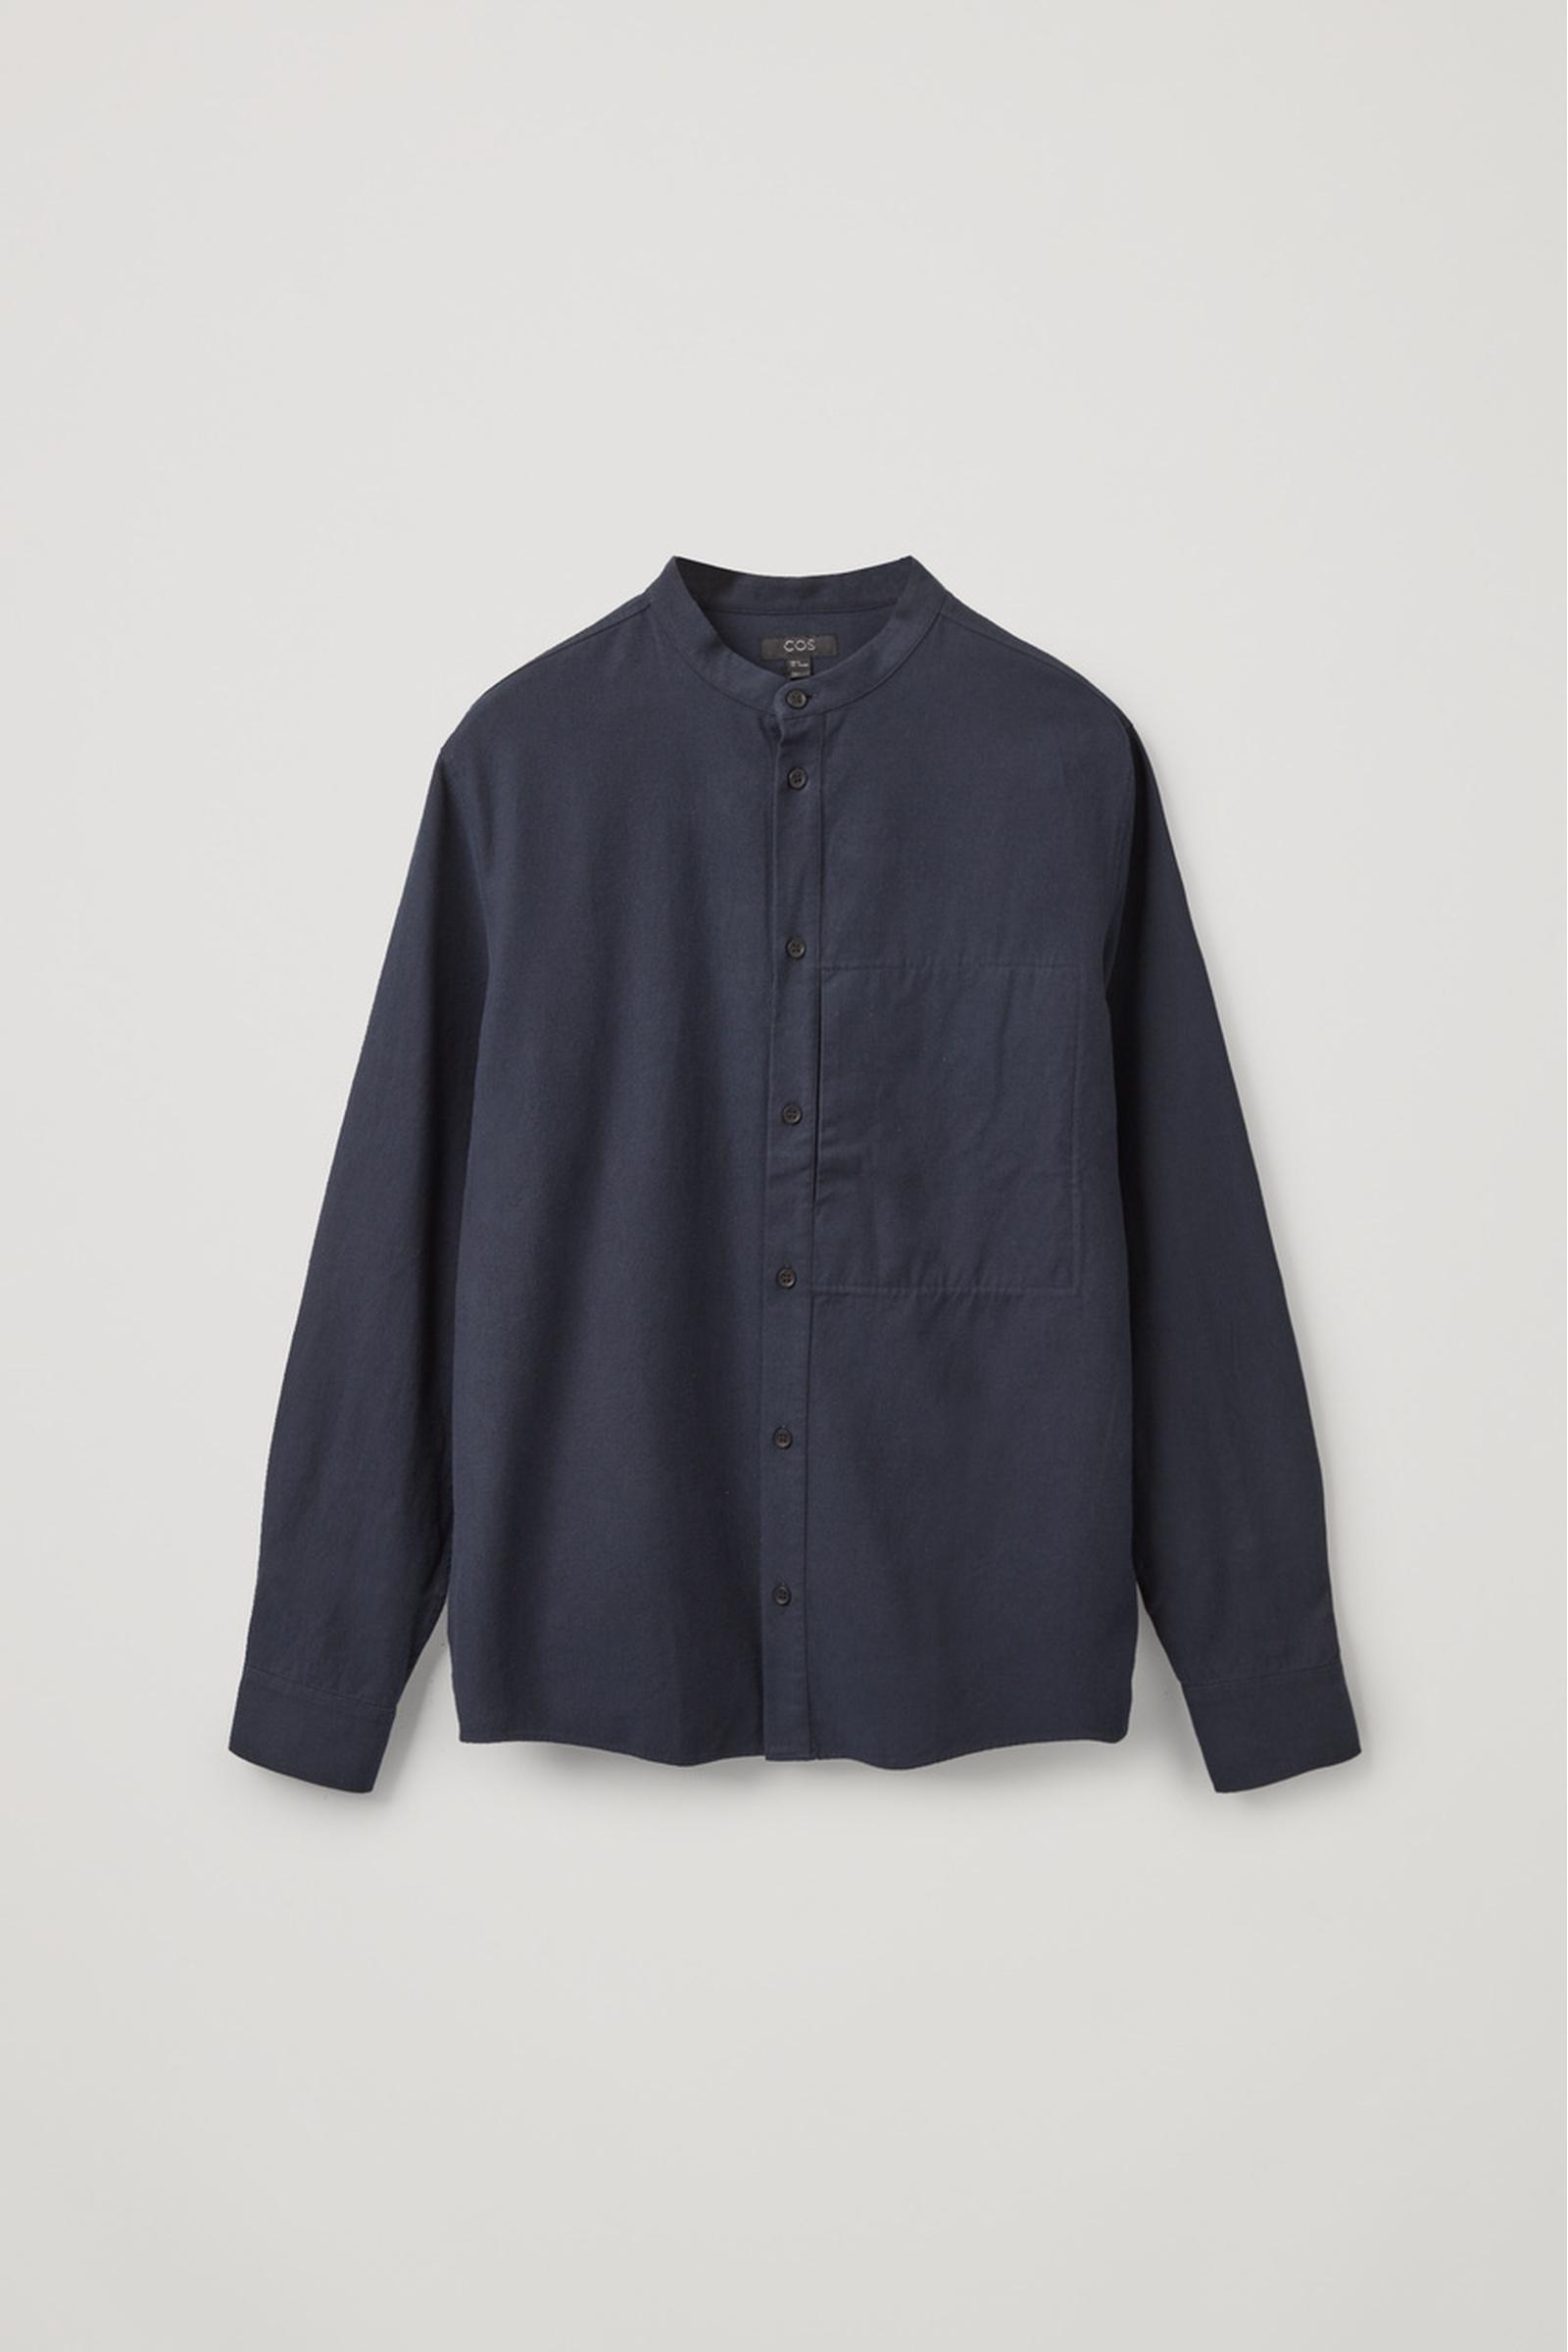 COS 레귤러 핏 칼라리스 셔츠의 블루컬러 Product입니다.